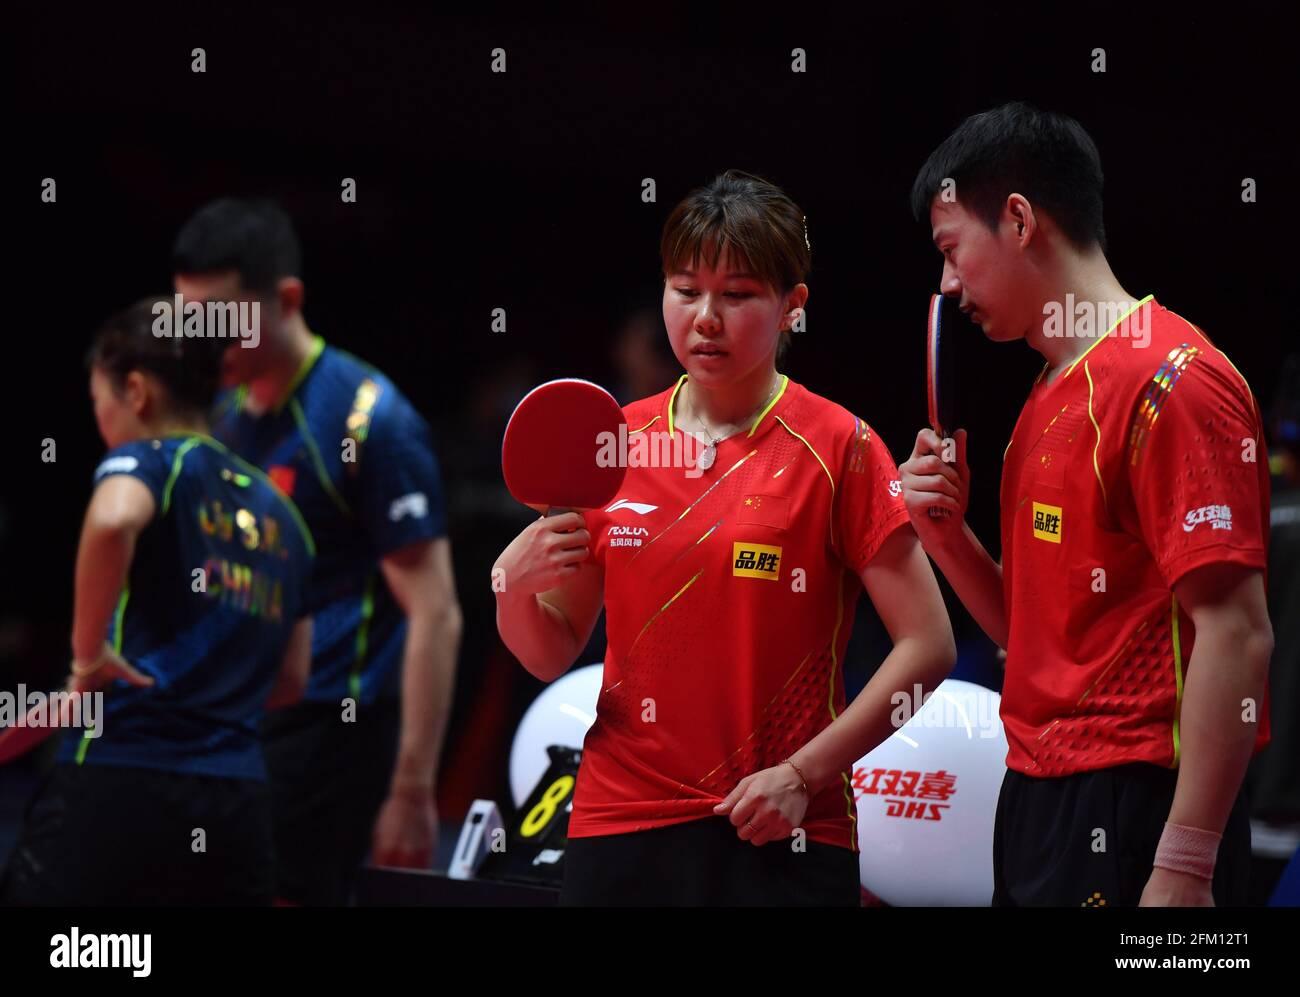 Xinxiang, provincia cinese di Henan. 5 maggio 2021. Zhou Yu (1° R)/Chen Xingtong (2° R) comunicano durante la doppia finale mista tra Xu Xin/Liu Shiwen e Zhou Yu/Chen Xingtong al WTT 2021 (World Table Tennis) Grand Smash Trials e Simulazione Olimpica a Xinxiang, provincia centrale di Henan, 5 maggio 2021. Credit: Li Jianan/Xinhua/Alamy Live News Foto Stock